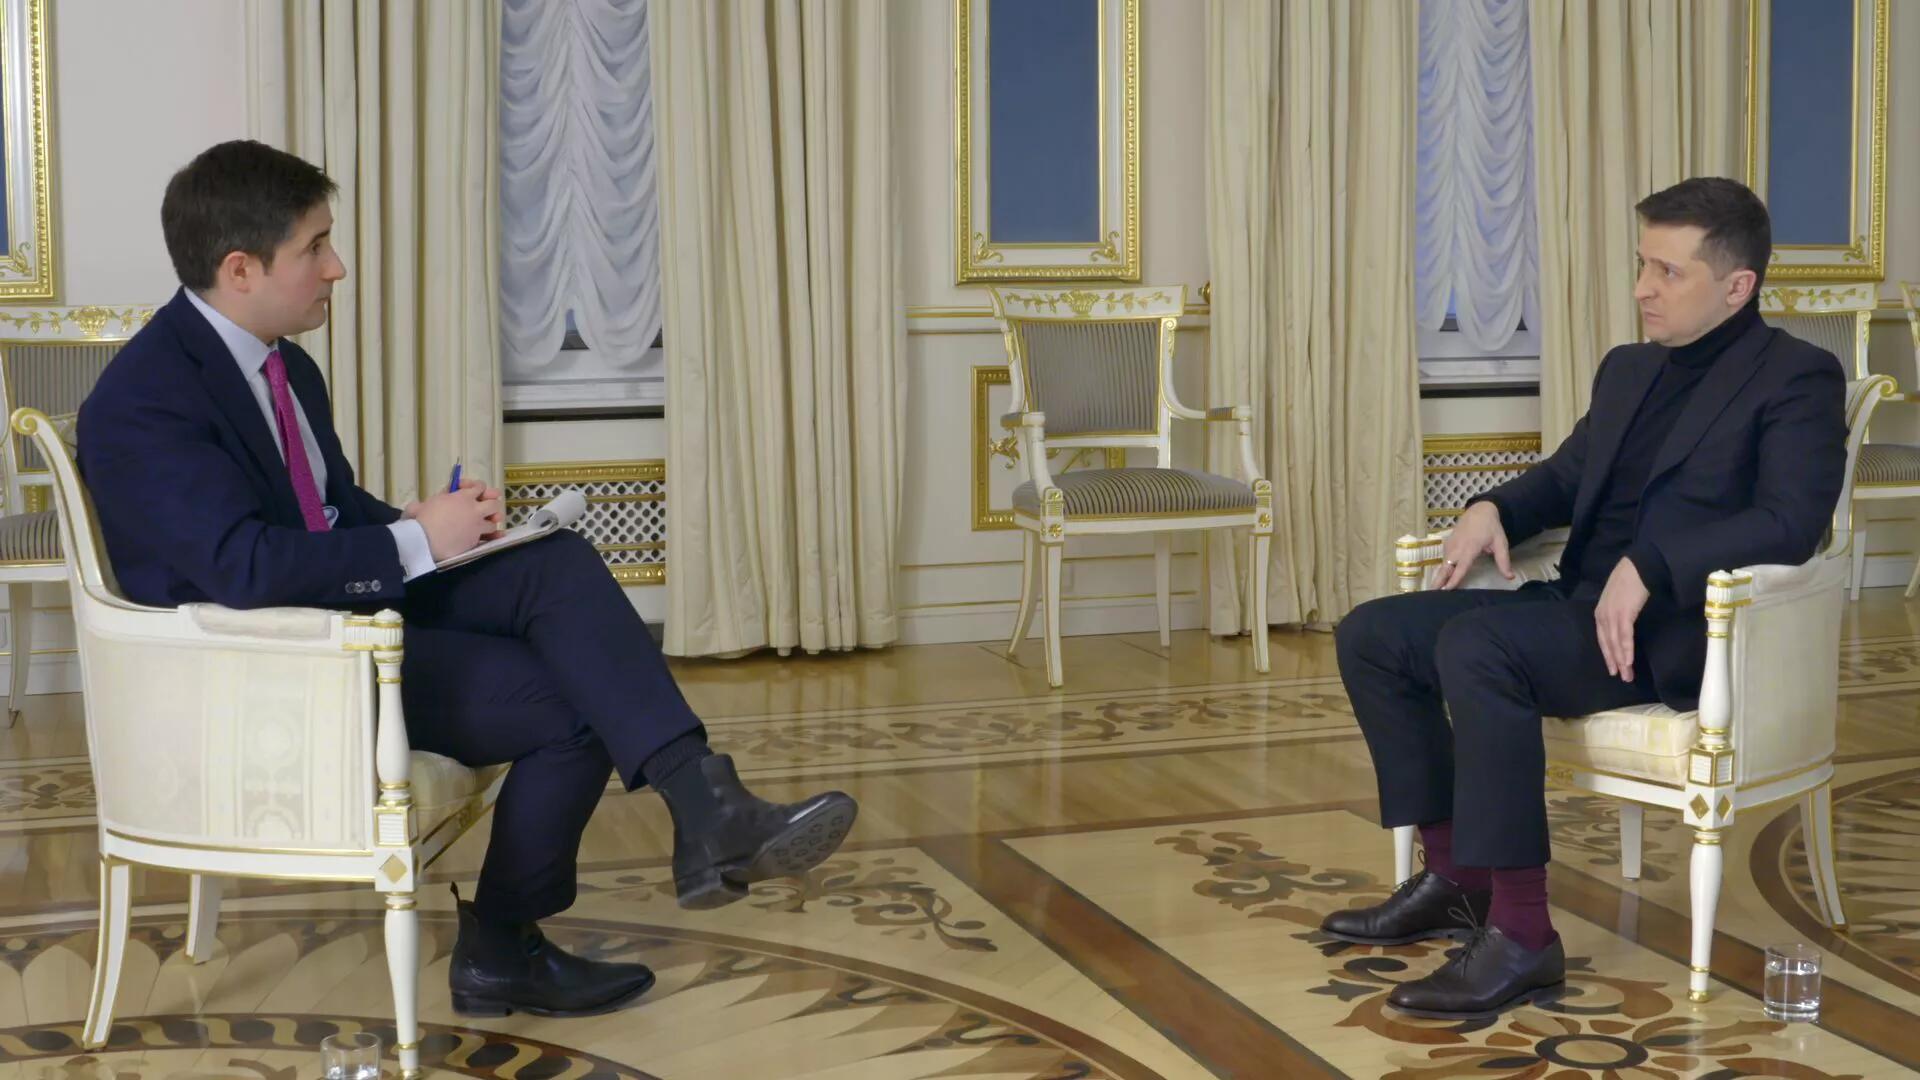 (泽连斯基1月31日接受采访。)